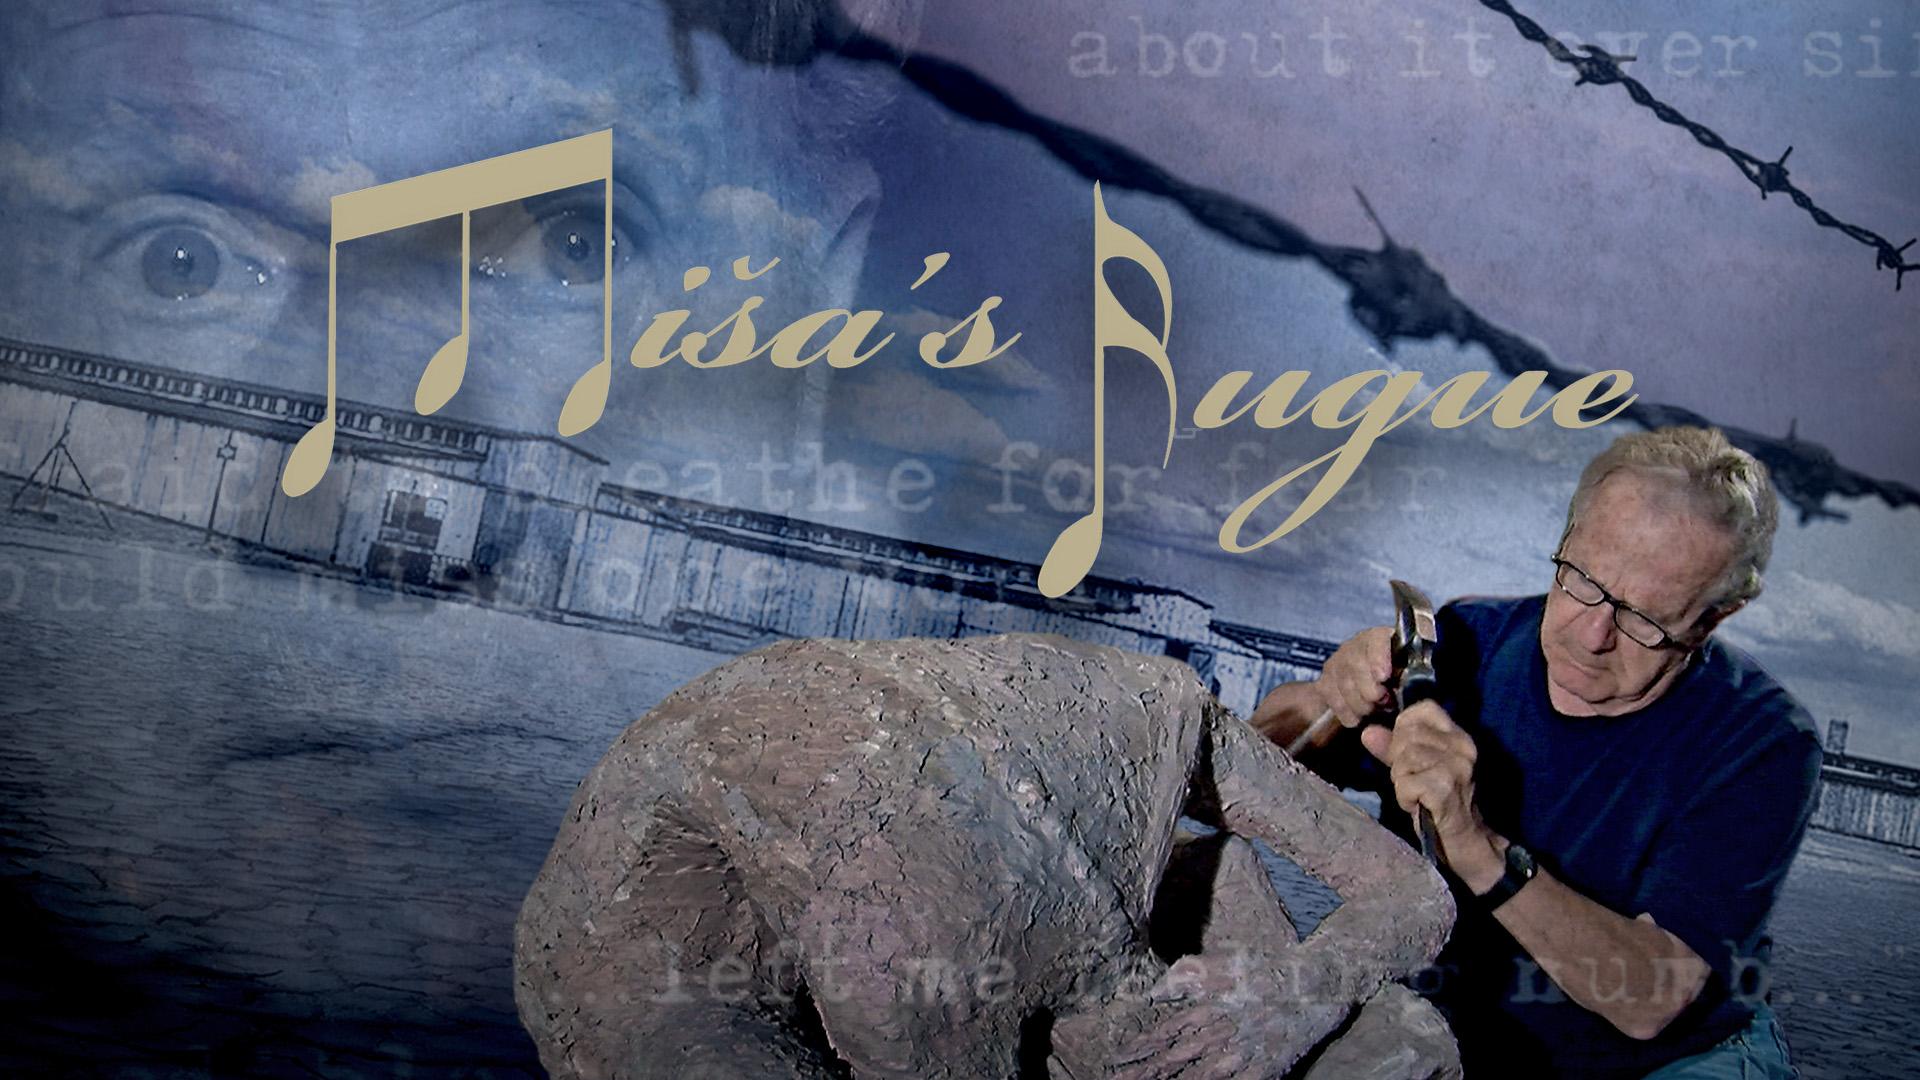 Misa's Fugue